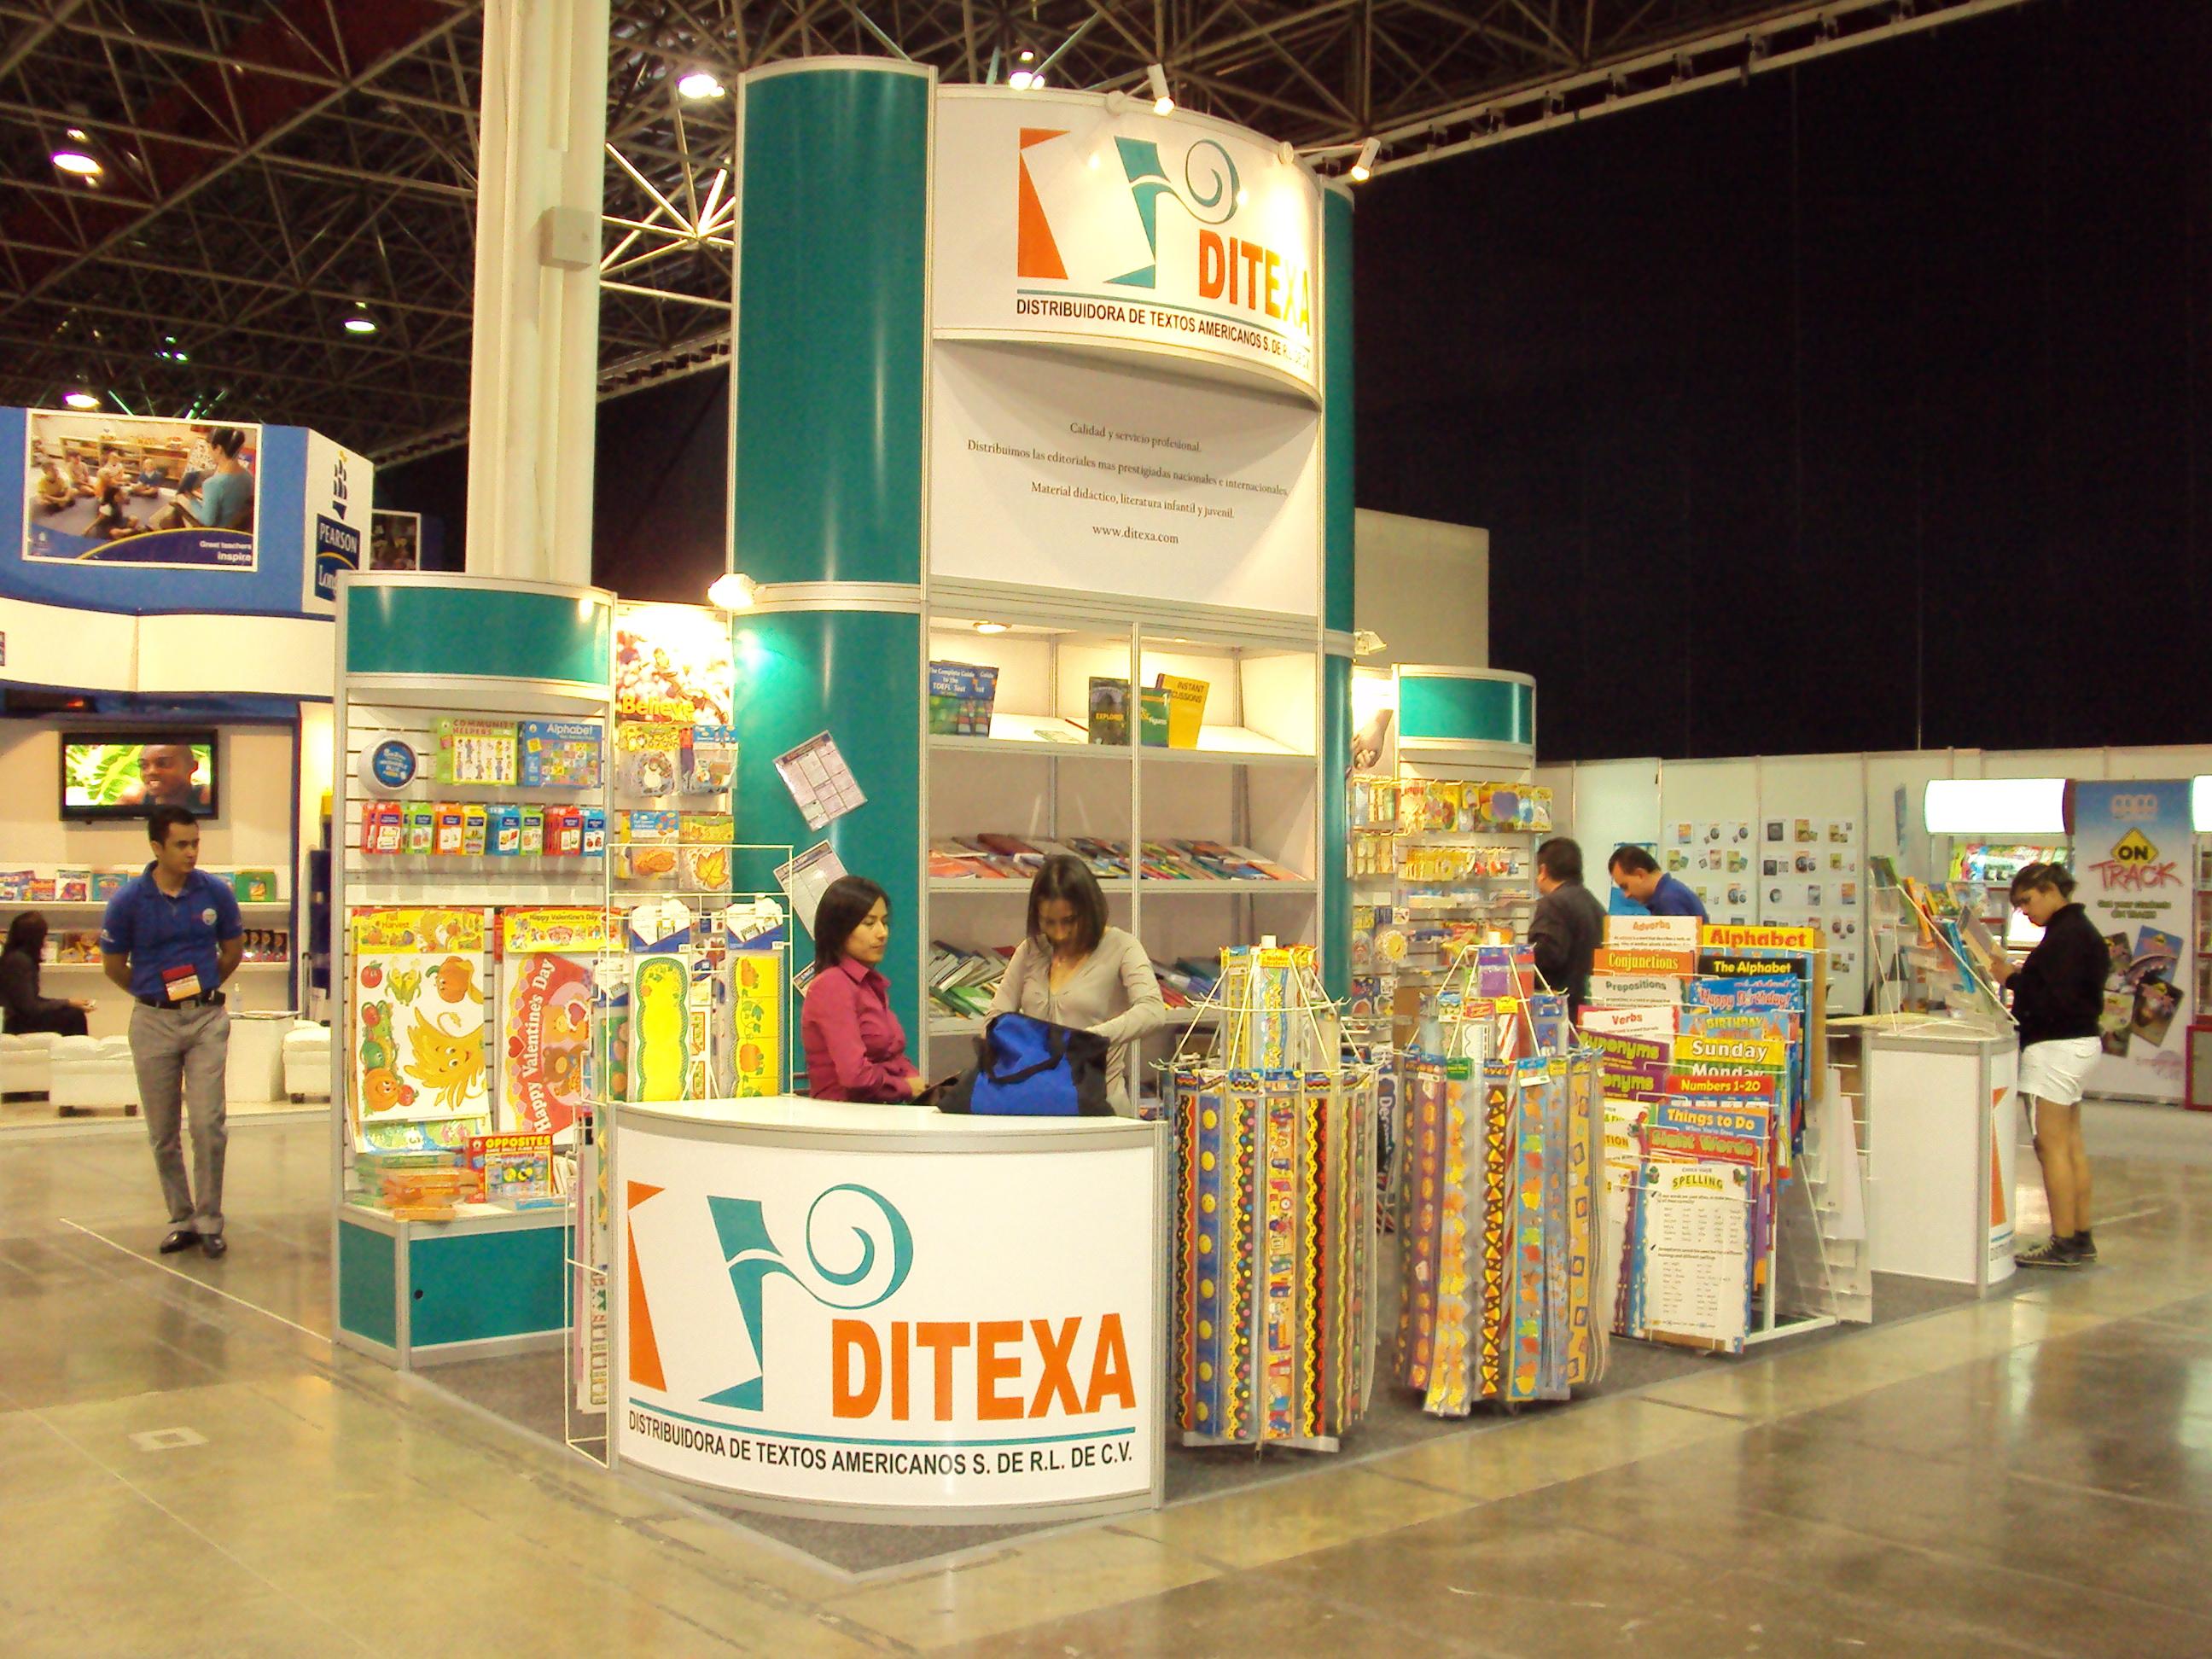 Mextesol 09 DITEXSA (1)